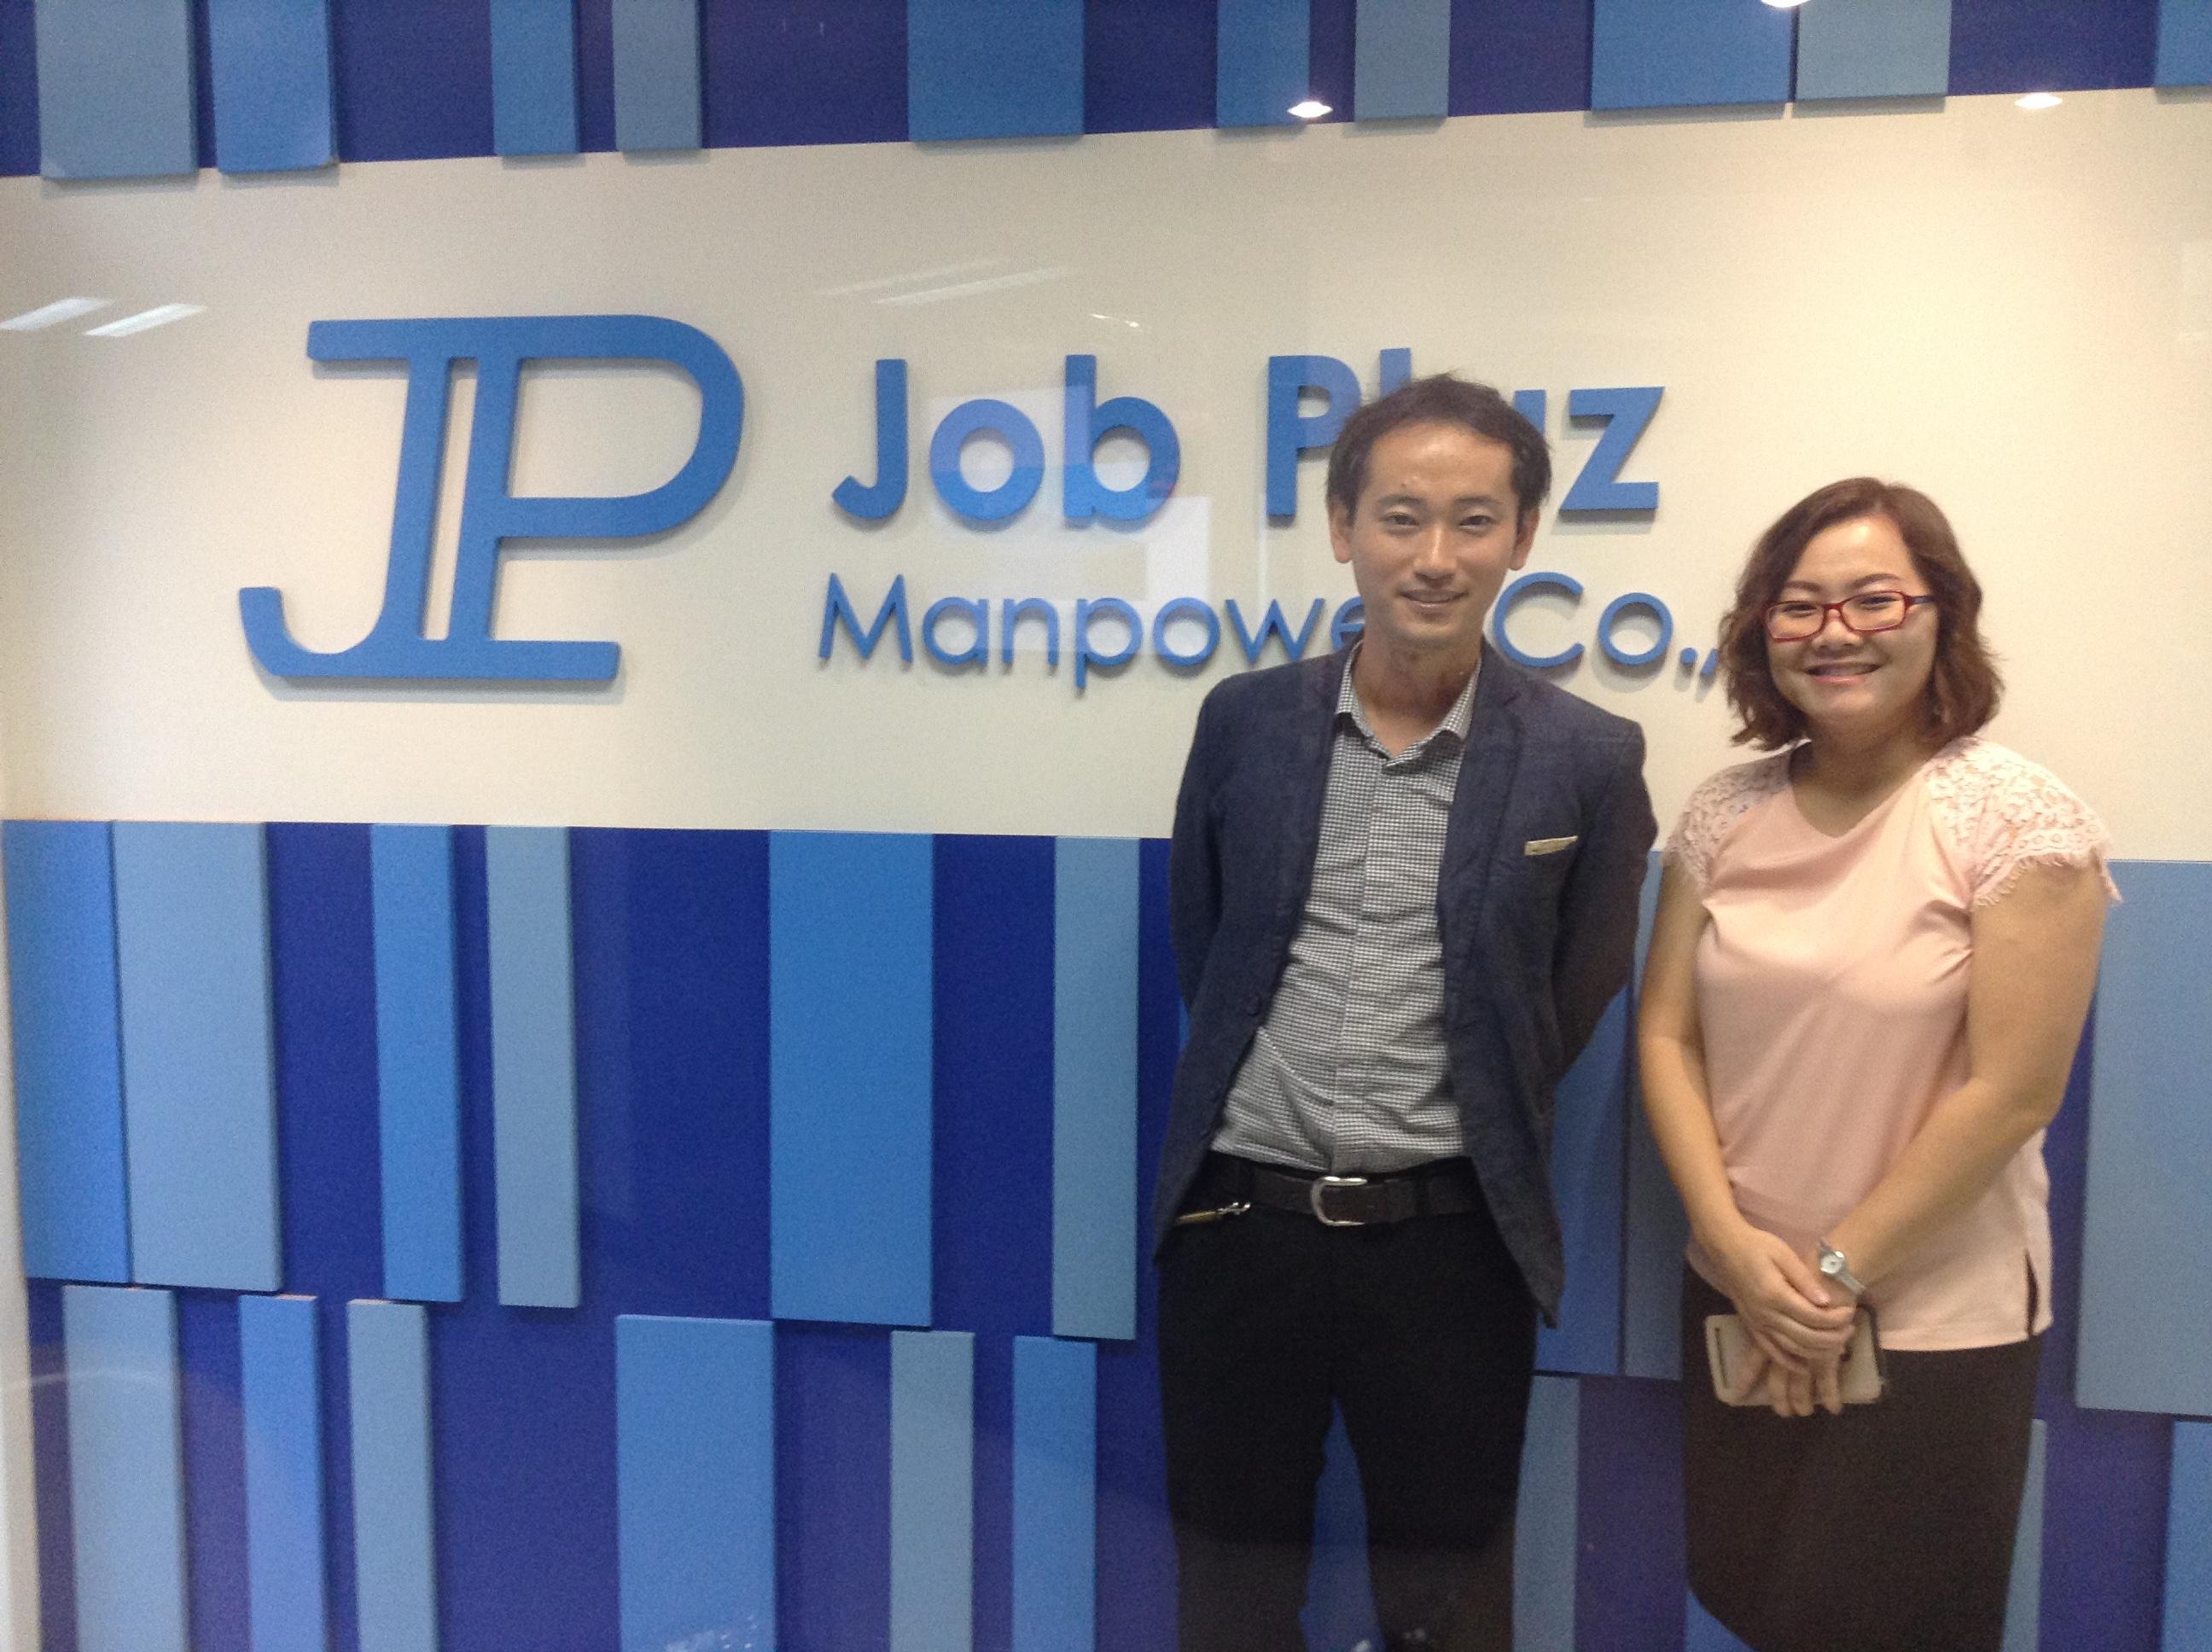 タイの転職エージェント Job Pluz Manpower 代表の方と